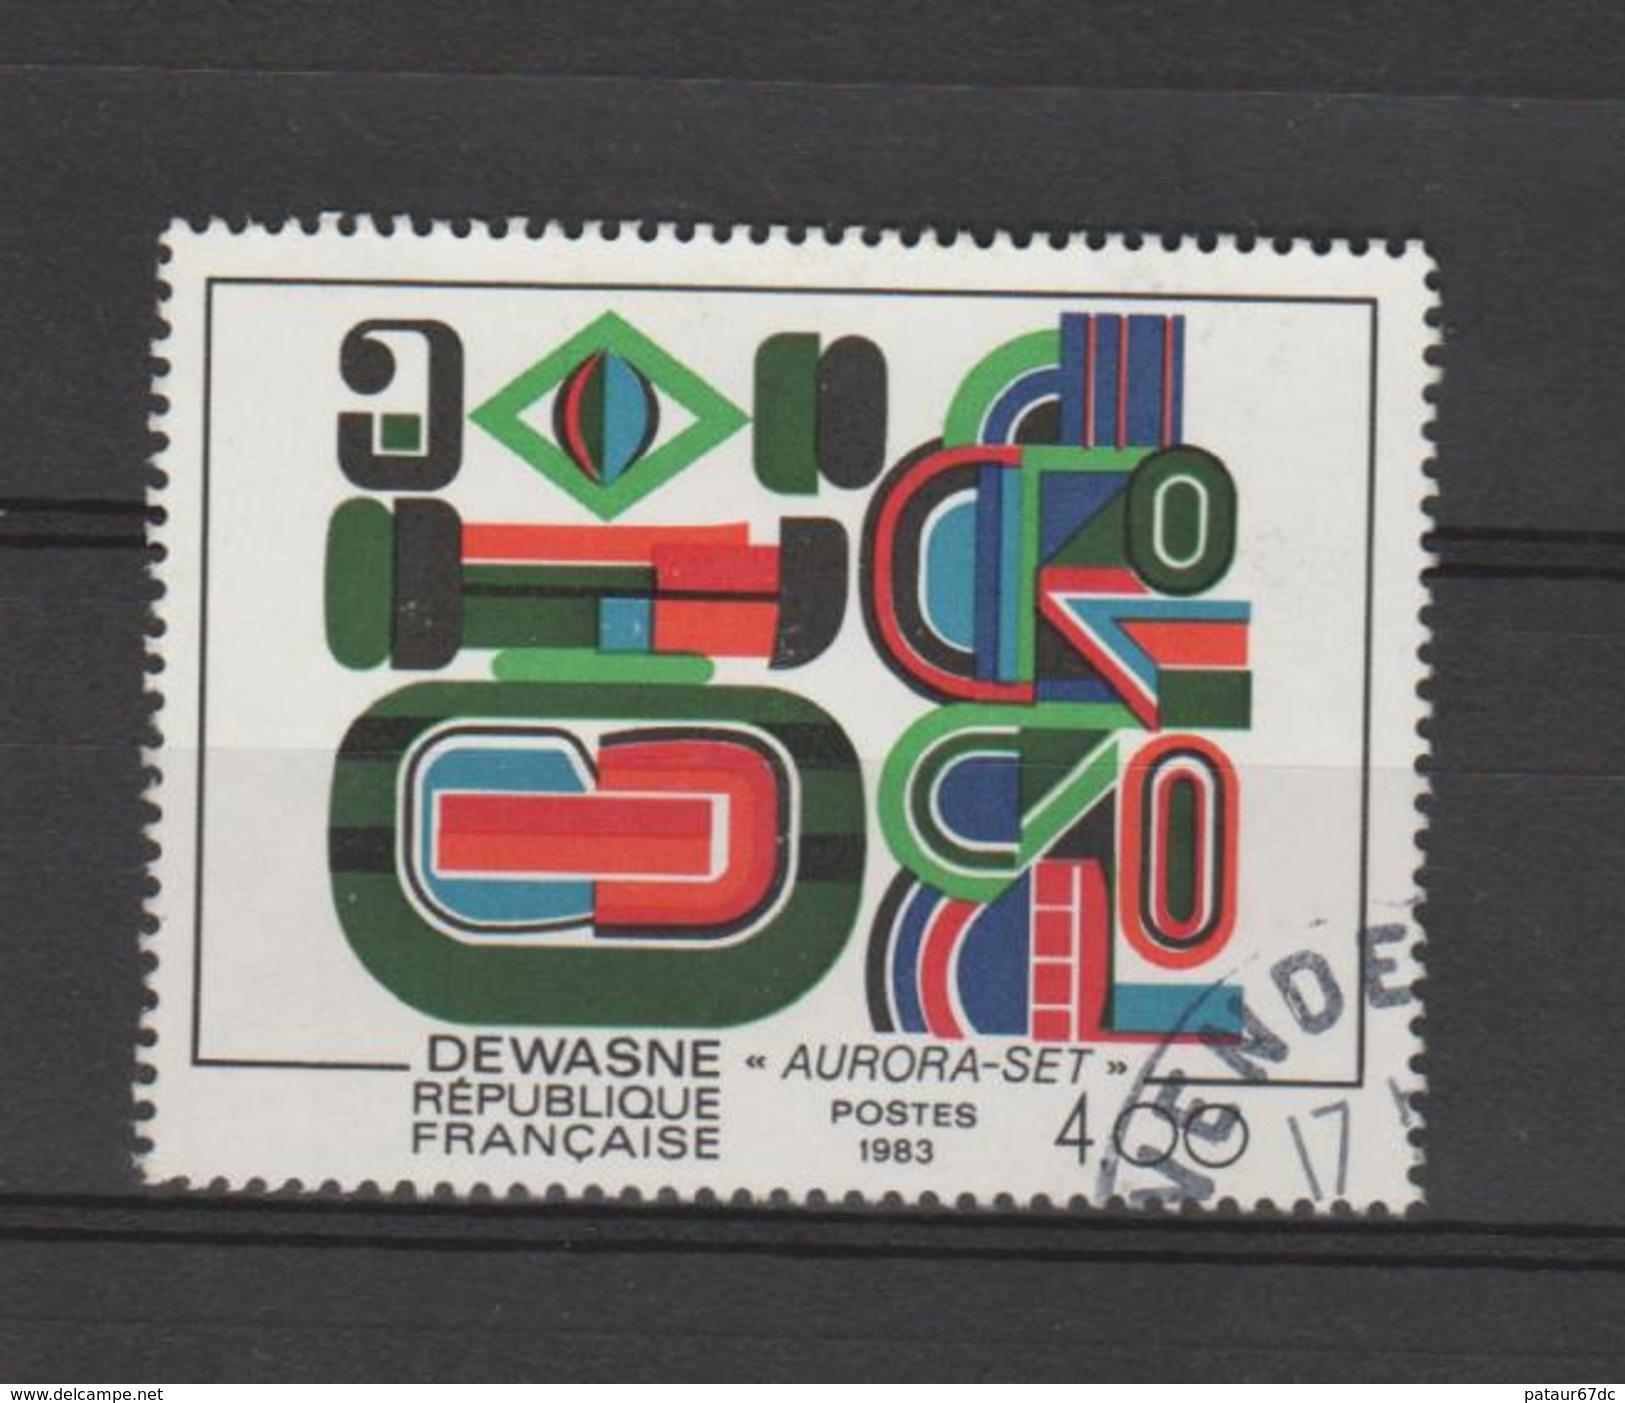 """FRANCE / 1983 / Y&T N° 2263 : """"Aurora-set"""" (DEWASNE) - Choisi - Cachet Rond - Oblitérés"""